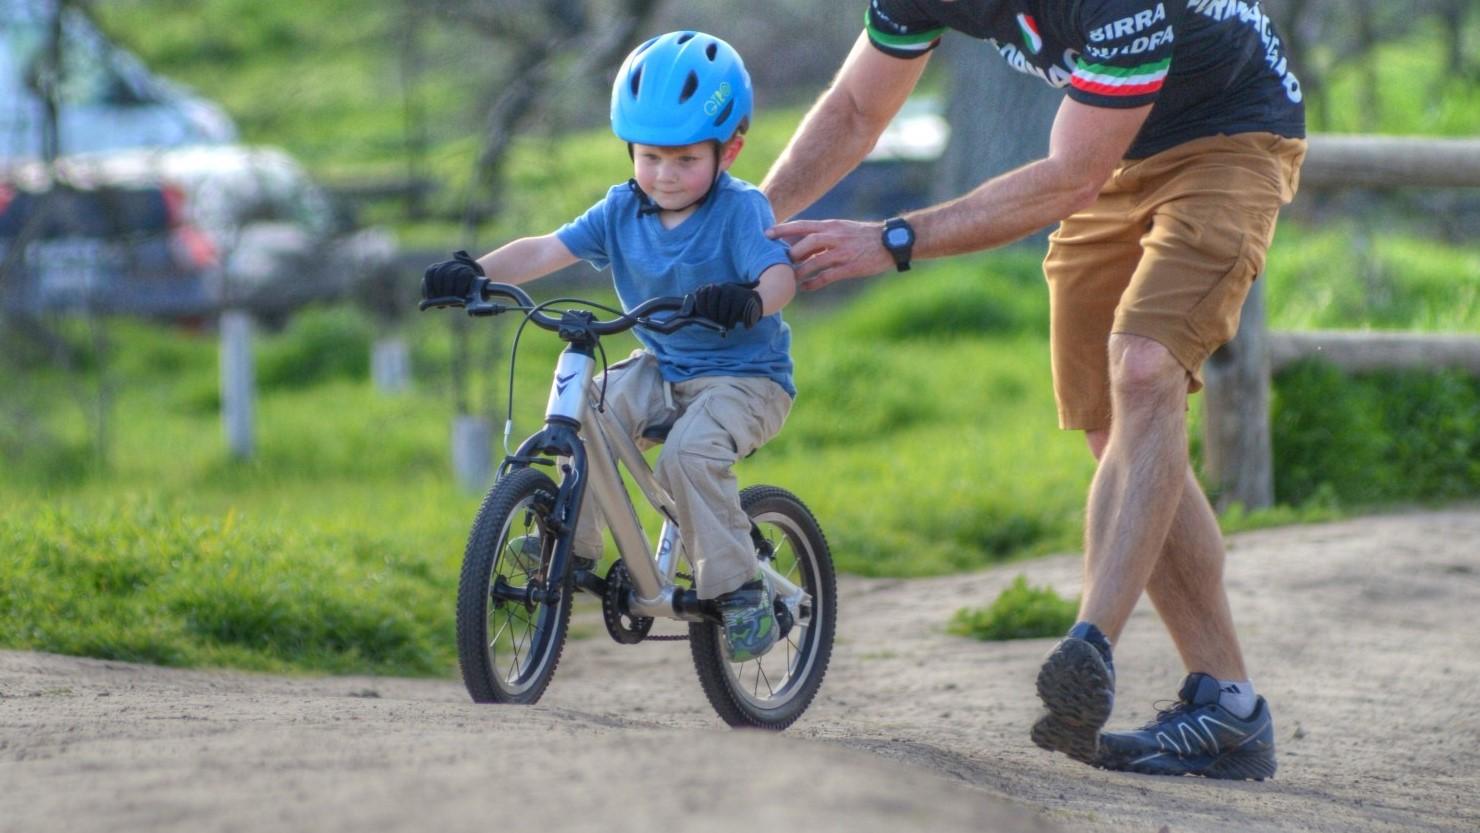 tips for teaching biking